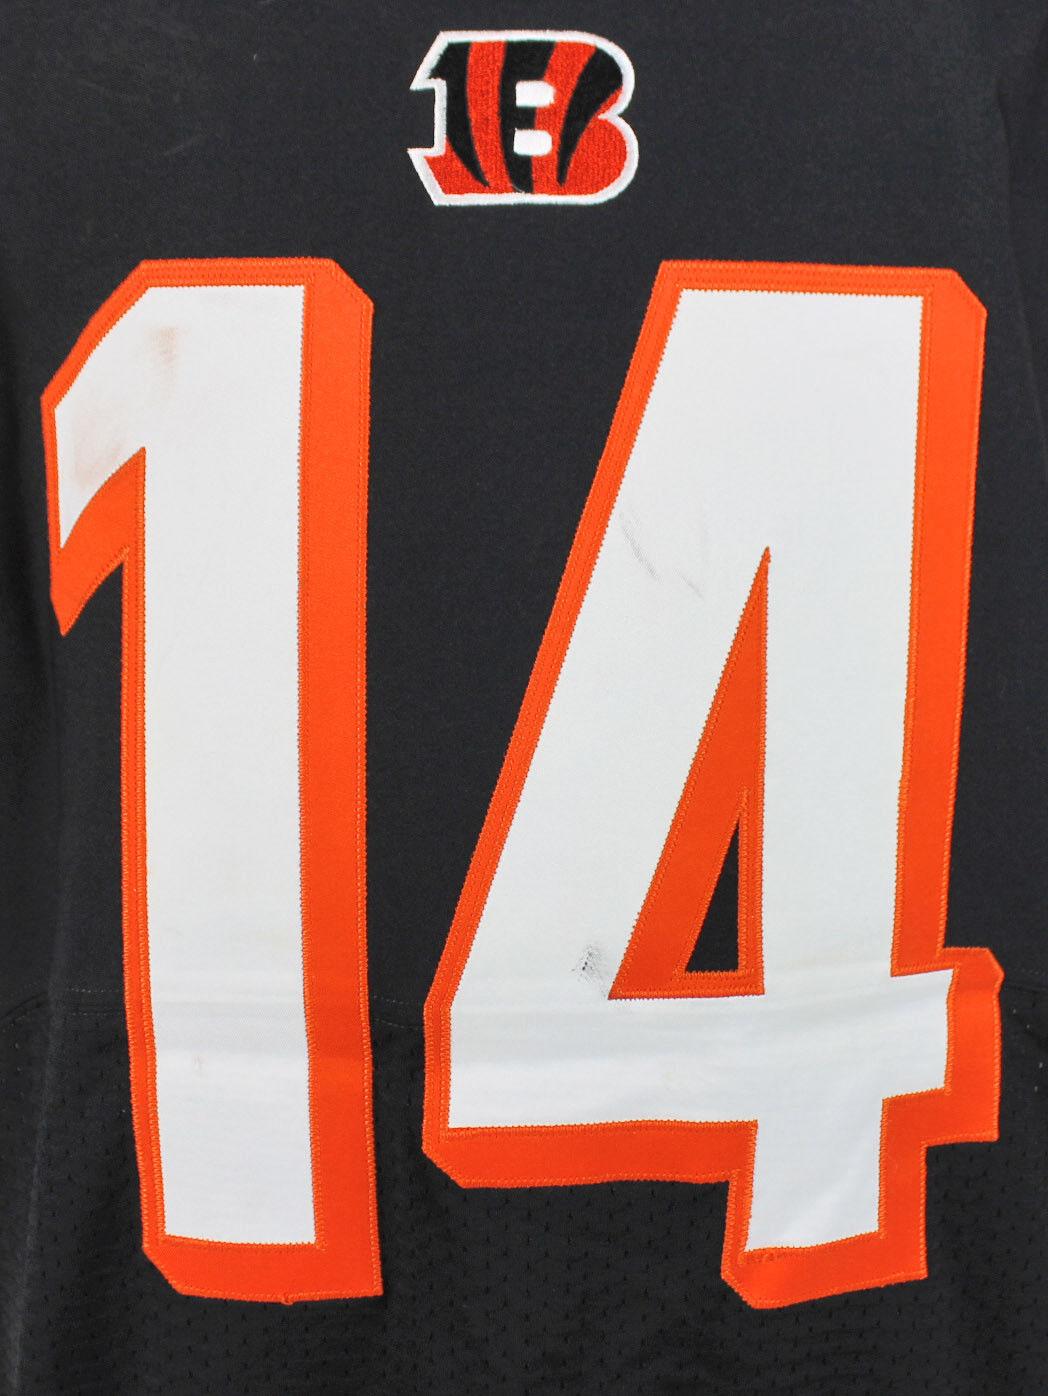 ca87bcad Lot Detail - Andy Dalton Game Used Cincinnati Bengals Nike Jersey ...